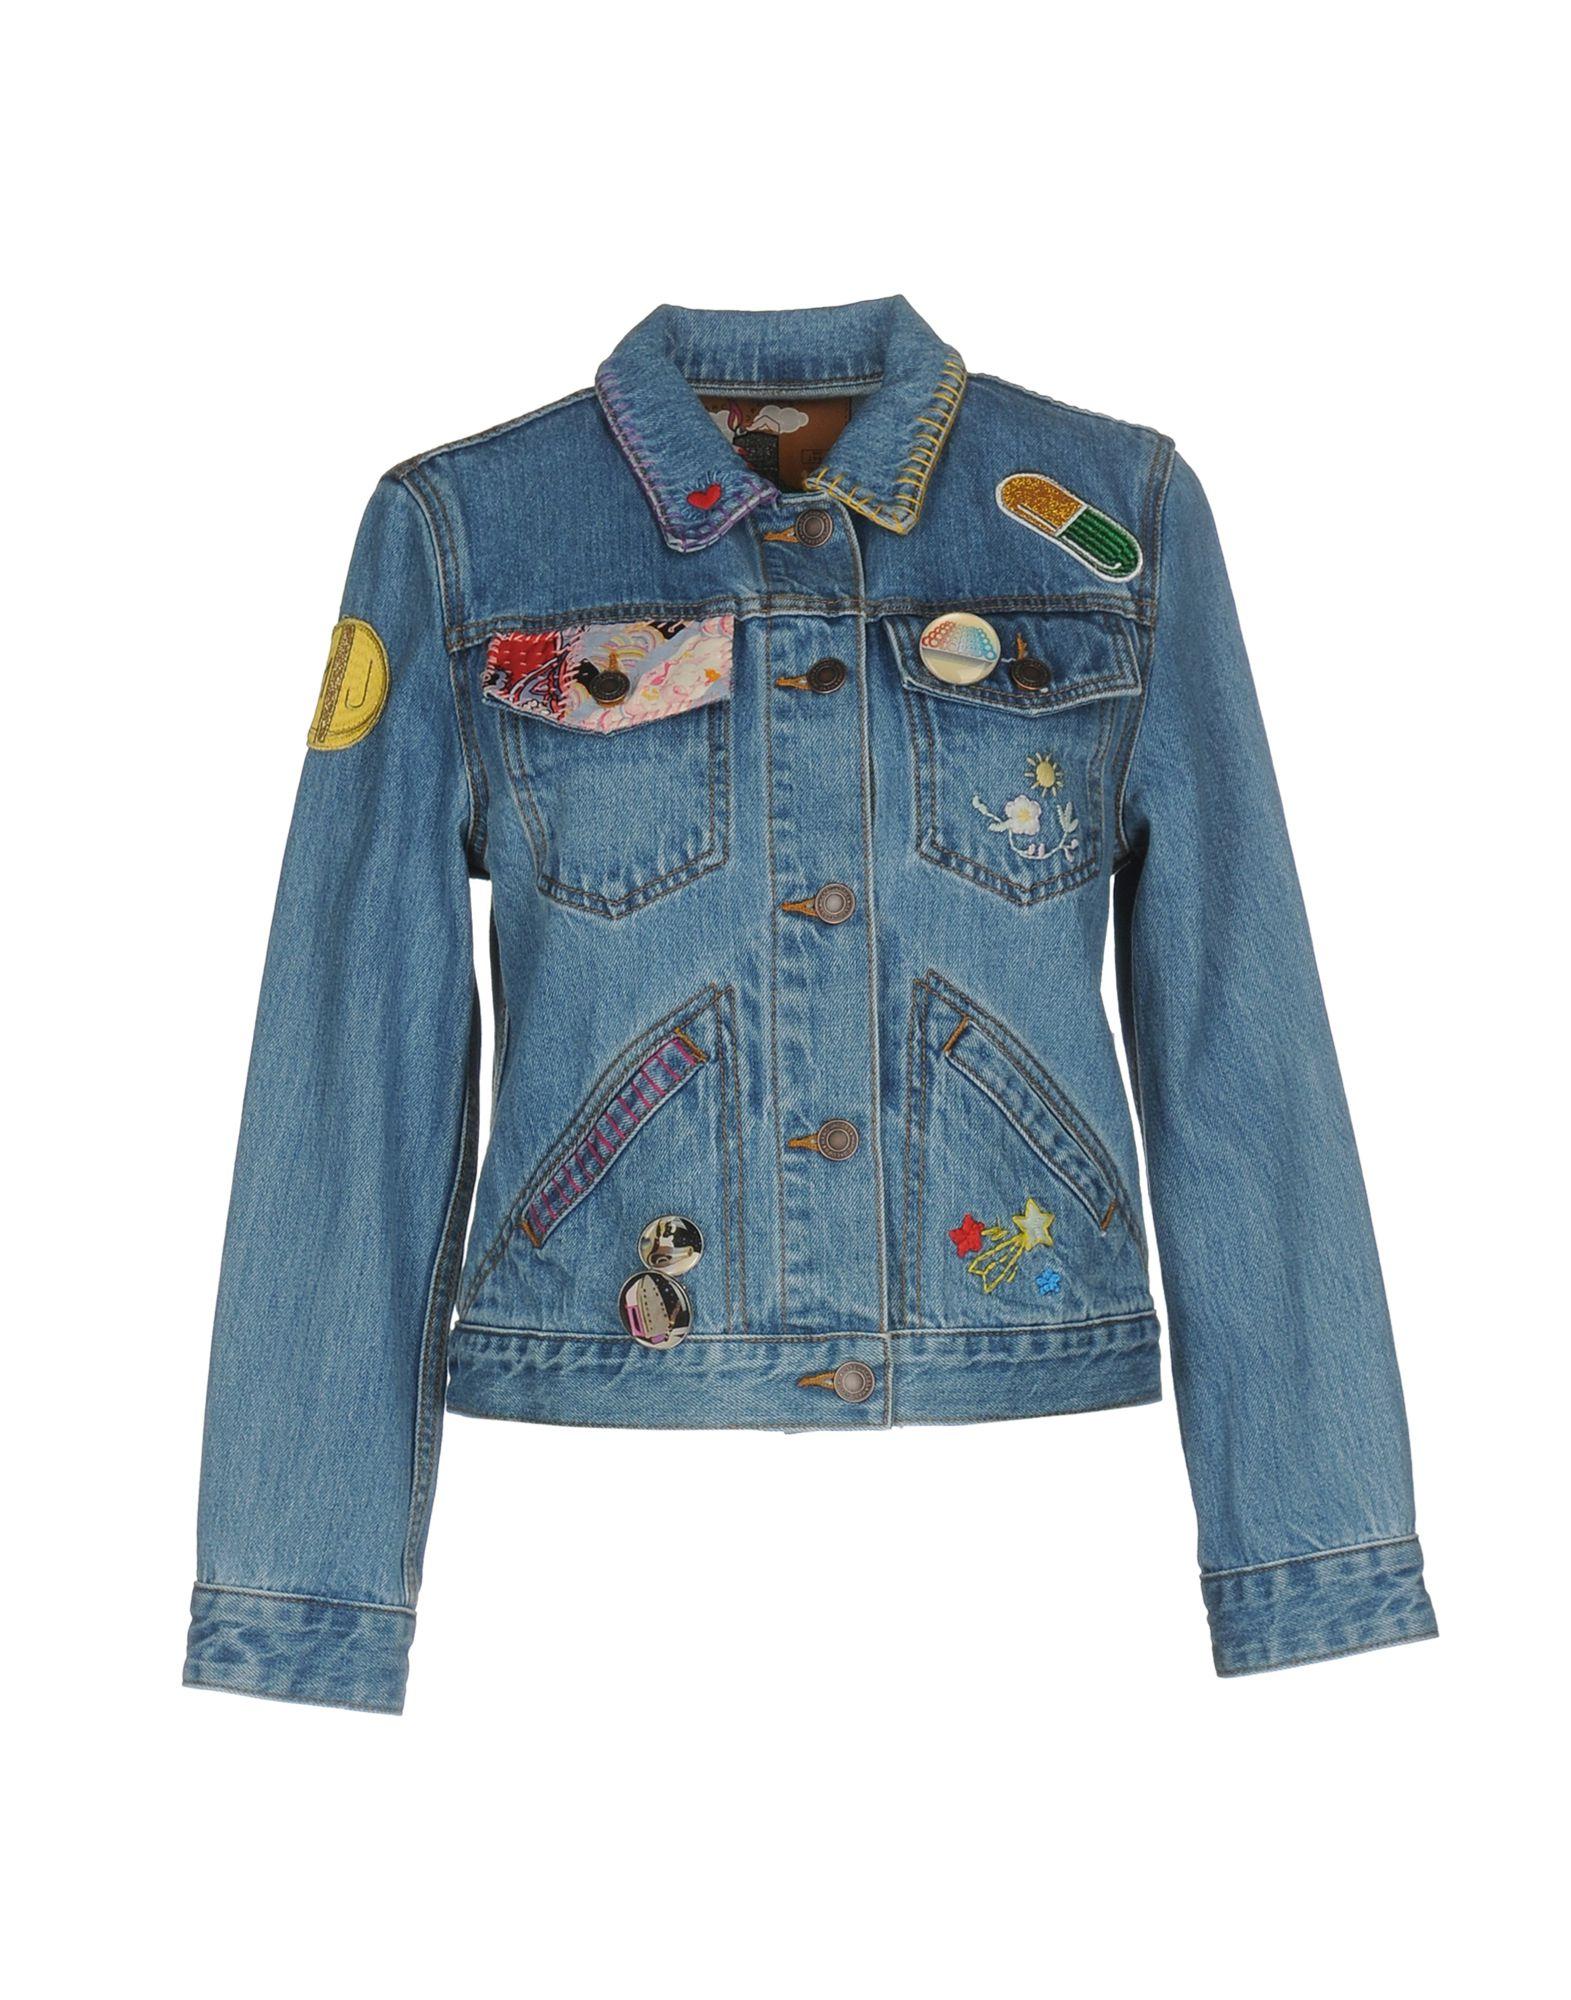 Фото - MARC JACOBS Джинсовая верхняя одежда брошь blucome bijouteria esmaltes 7106100495